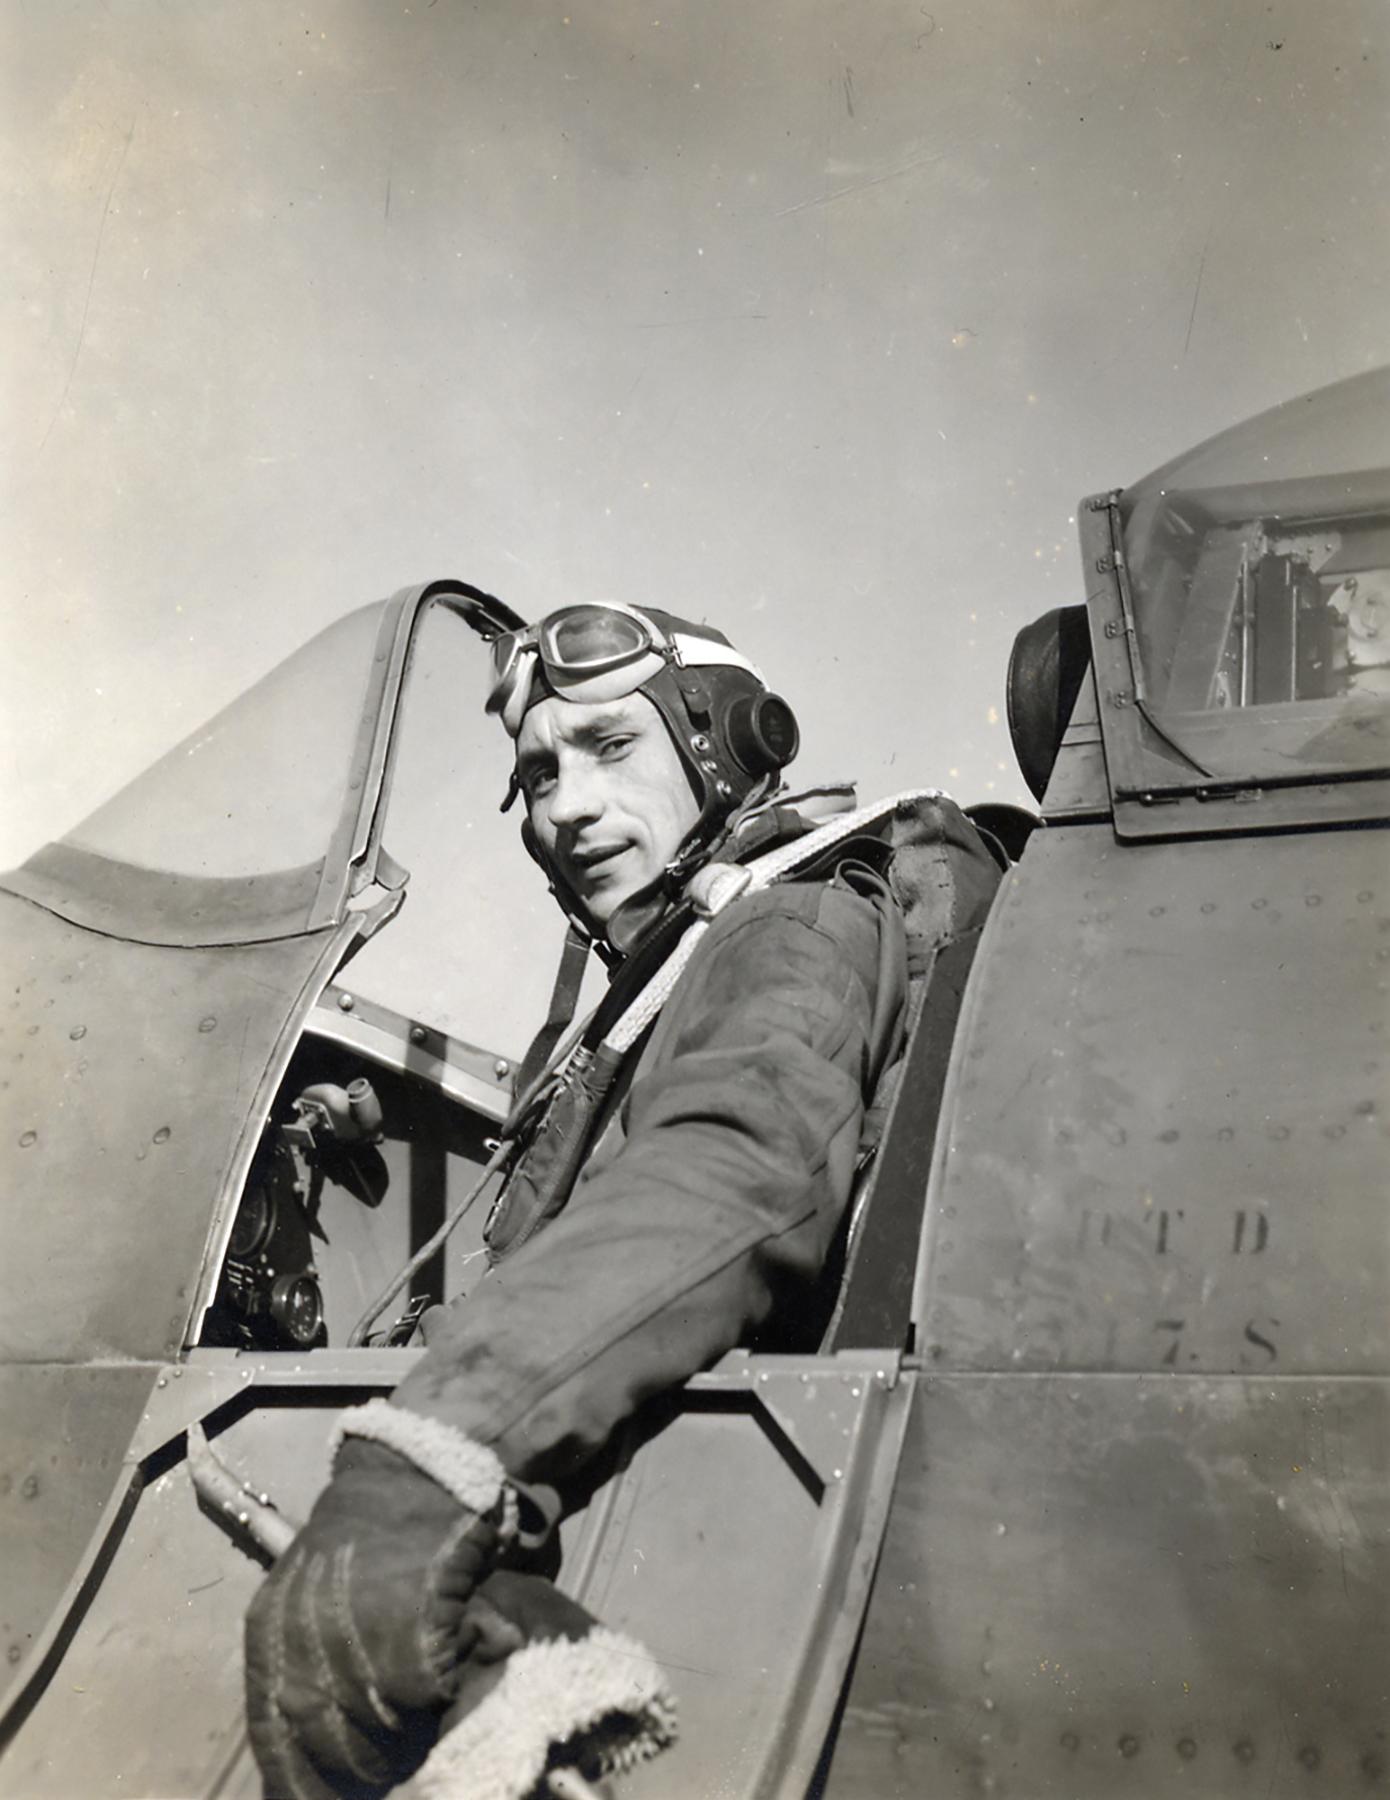 Aircrew USAAF 7PRG pilot Lt Charles JJ Goffin in Spitfire MkXI cockpit 01